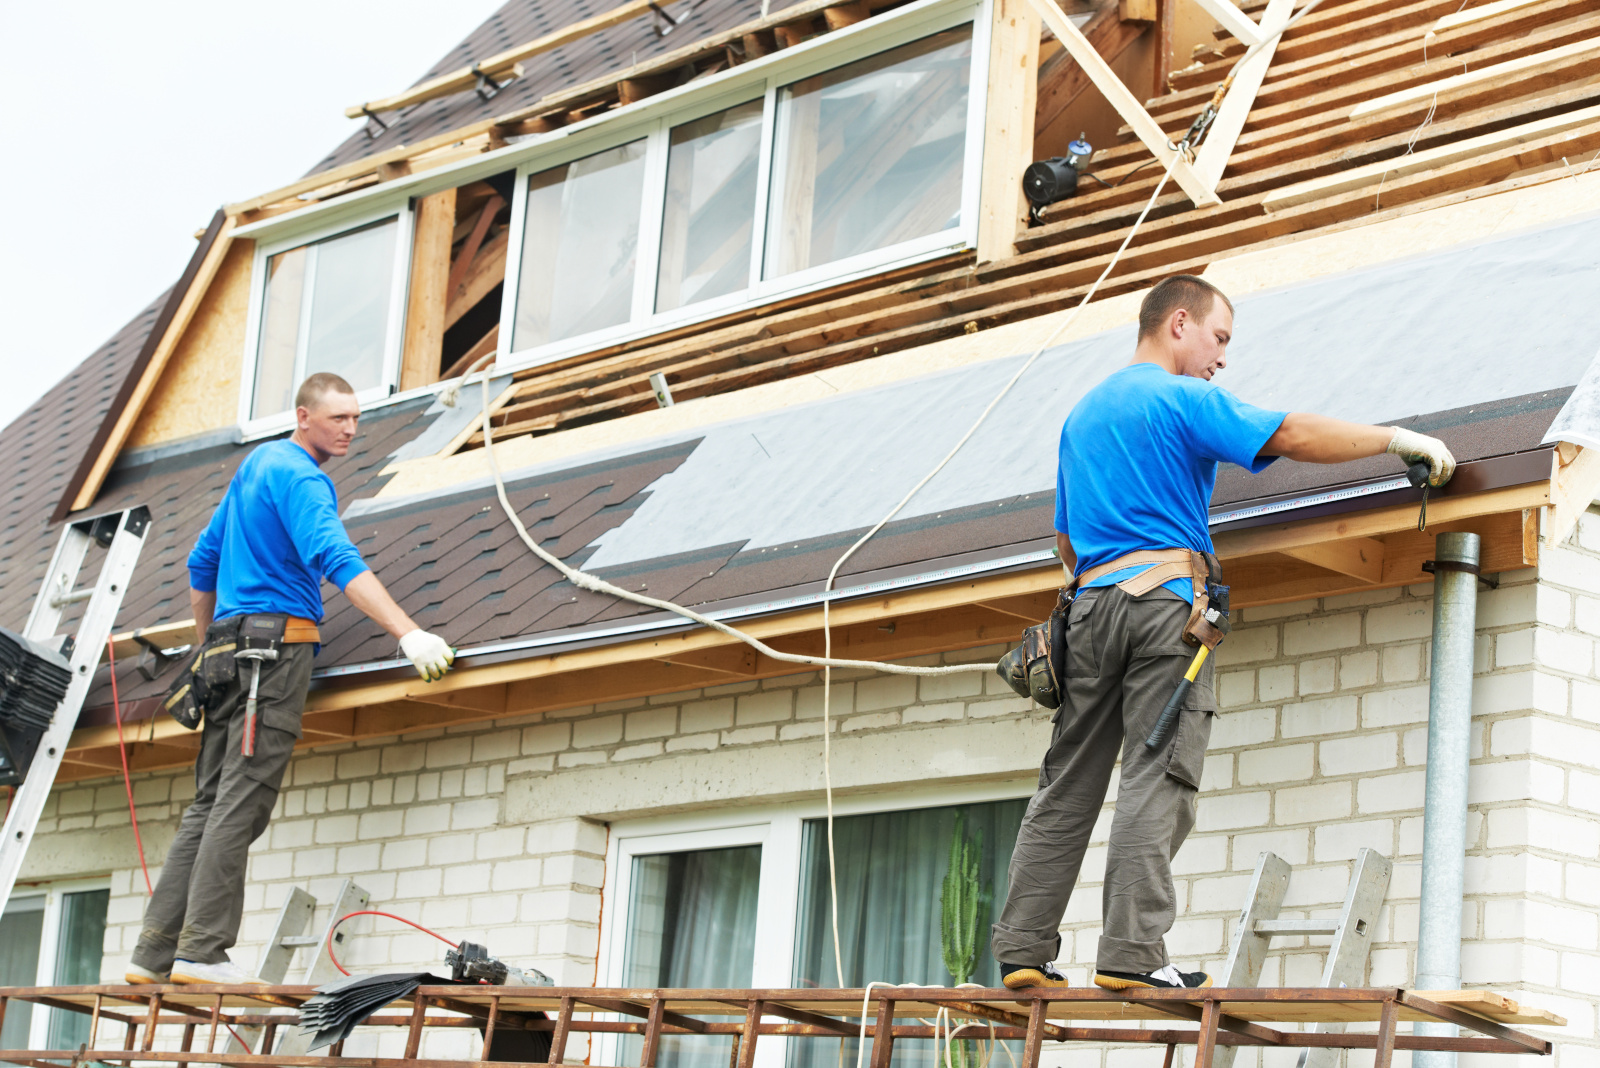 Två takläggare mäter takets bredd utomhus.